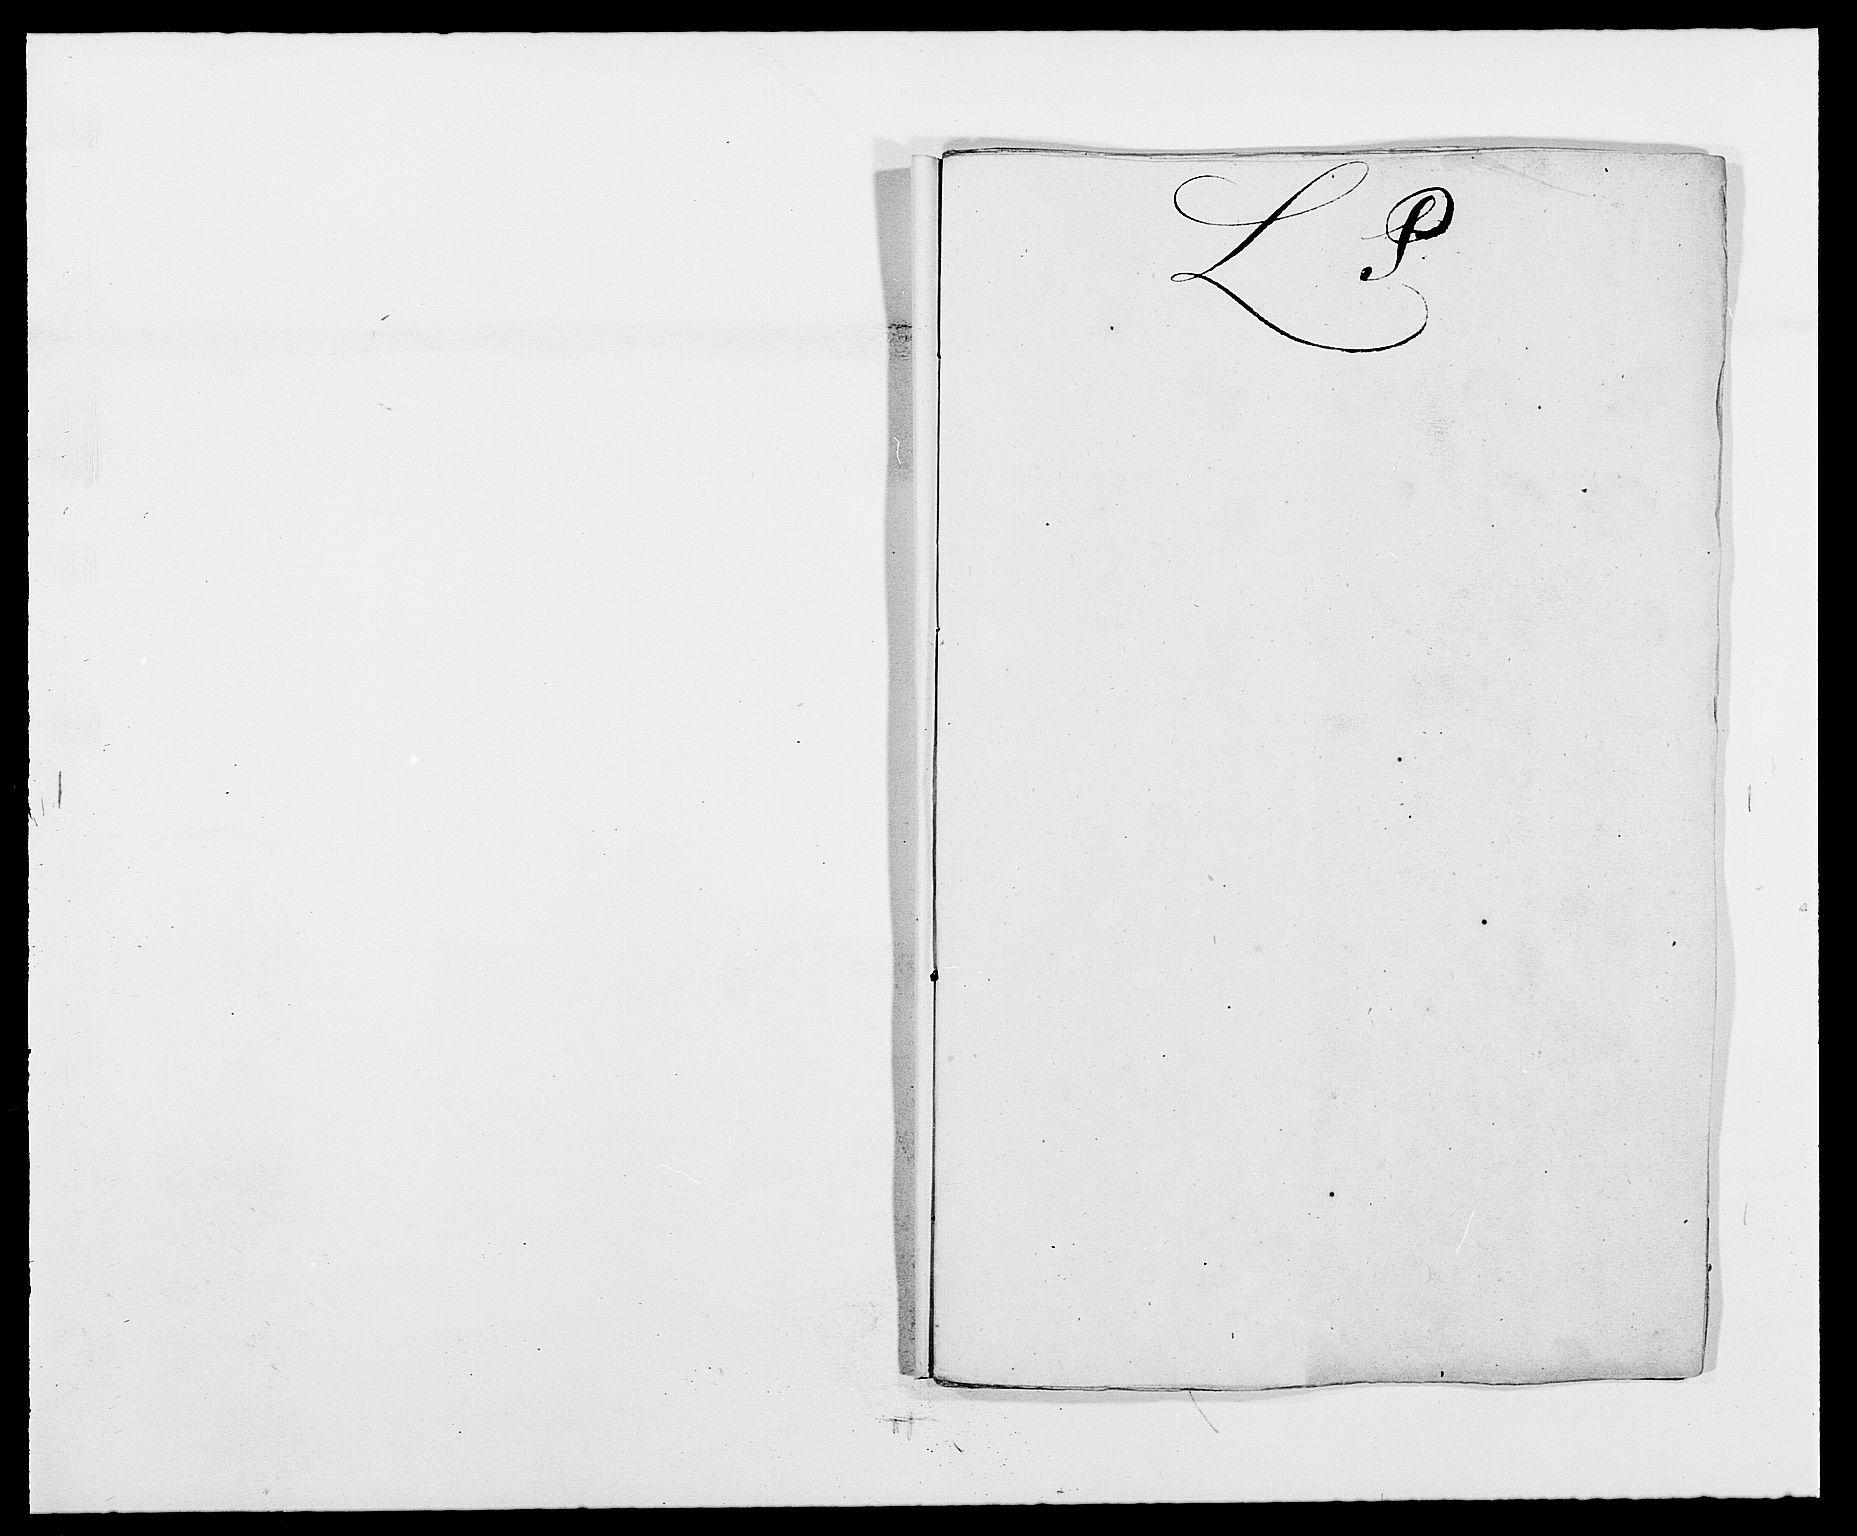 RA, Rentekammeret inntil 1814, Reviderte regnskaper, Fogderegnskap, R34/L2050: Fogderegnskap Bamble, 1688-1691, s. 259